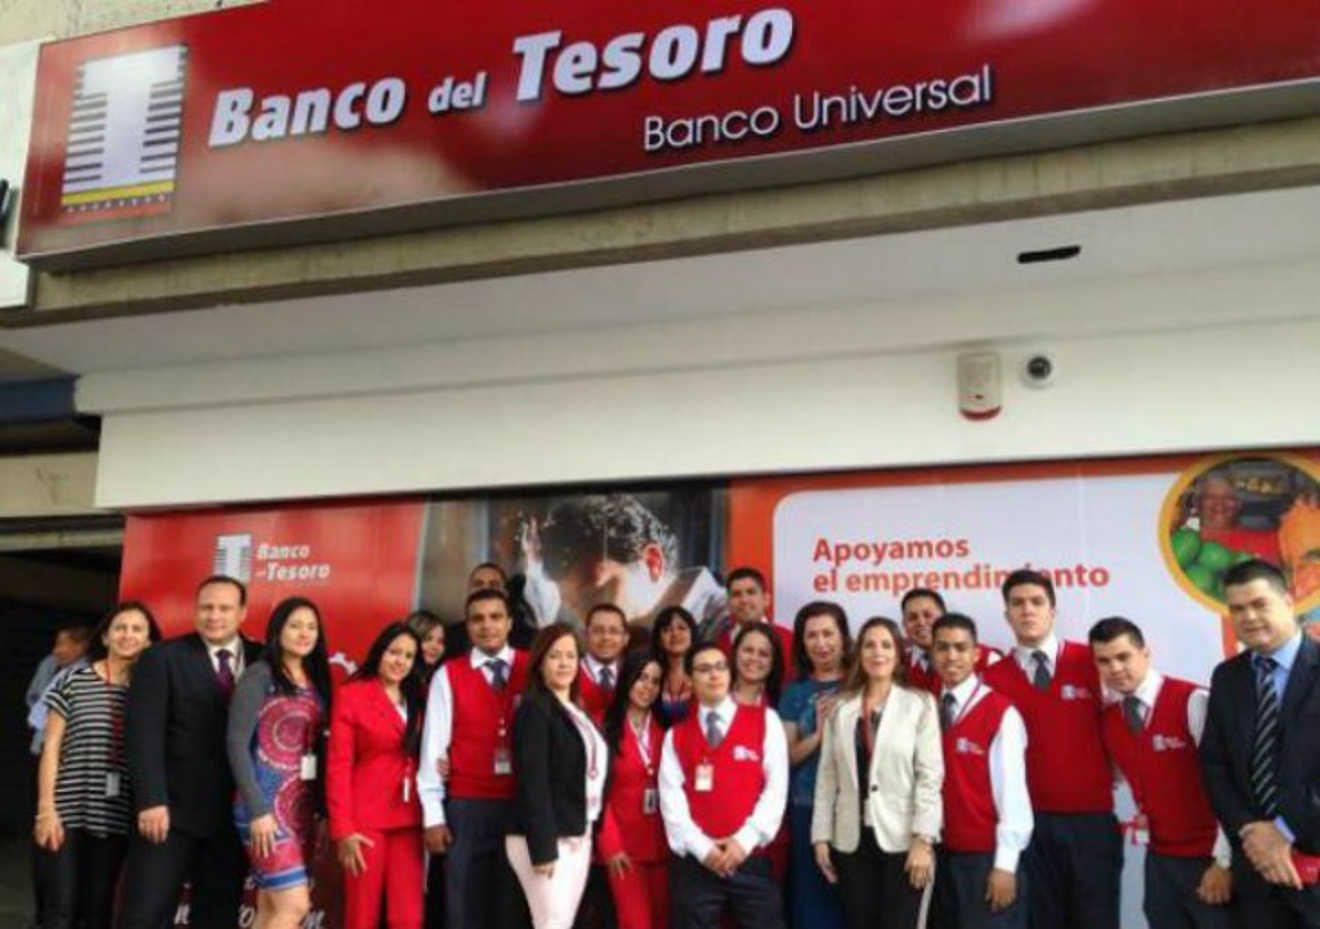 En Venezuela el Banco del Tesoro declaro que ya esta distribuido el nuevo cono monetario en todos sus bancos